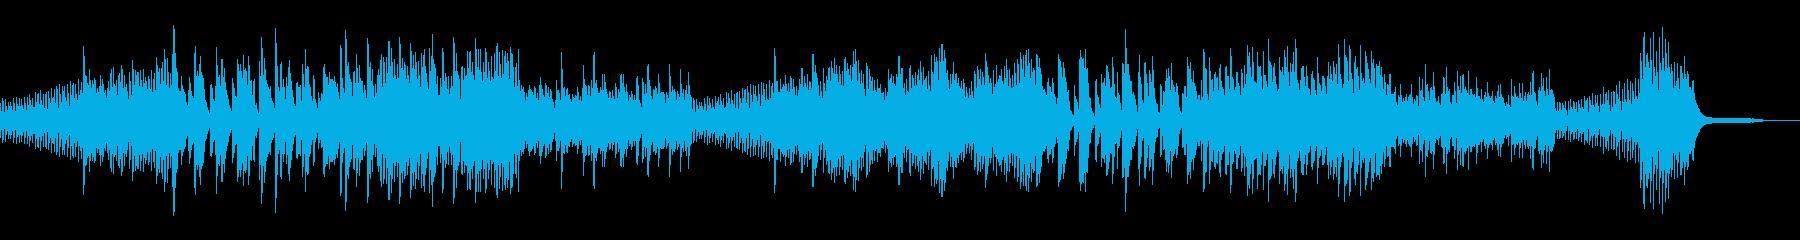 和風!静かなピアノソロ!ヨナ抜き音階の再生済みの波形